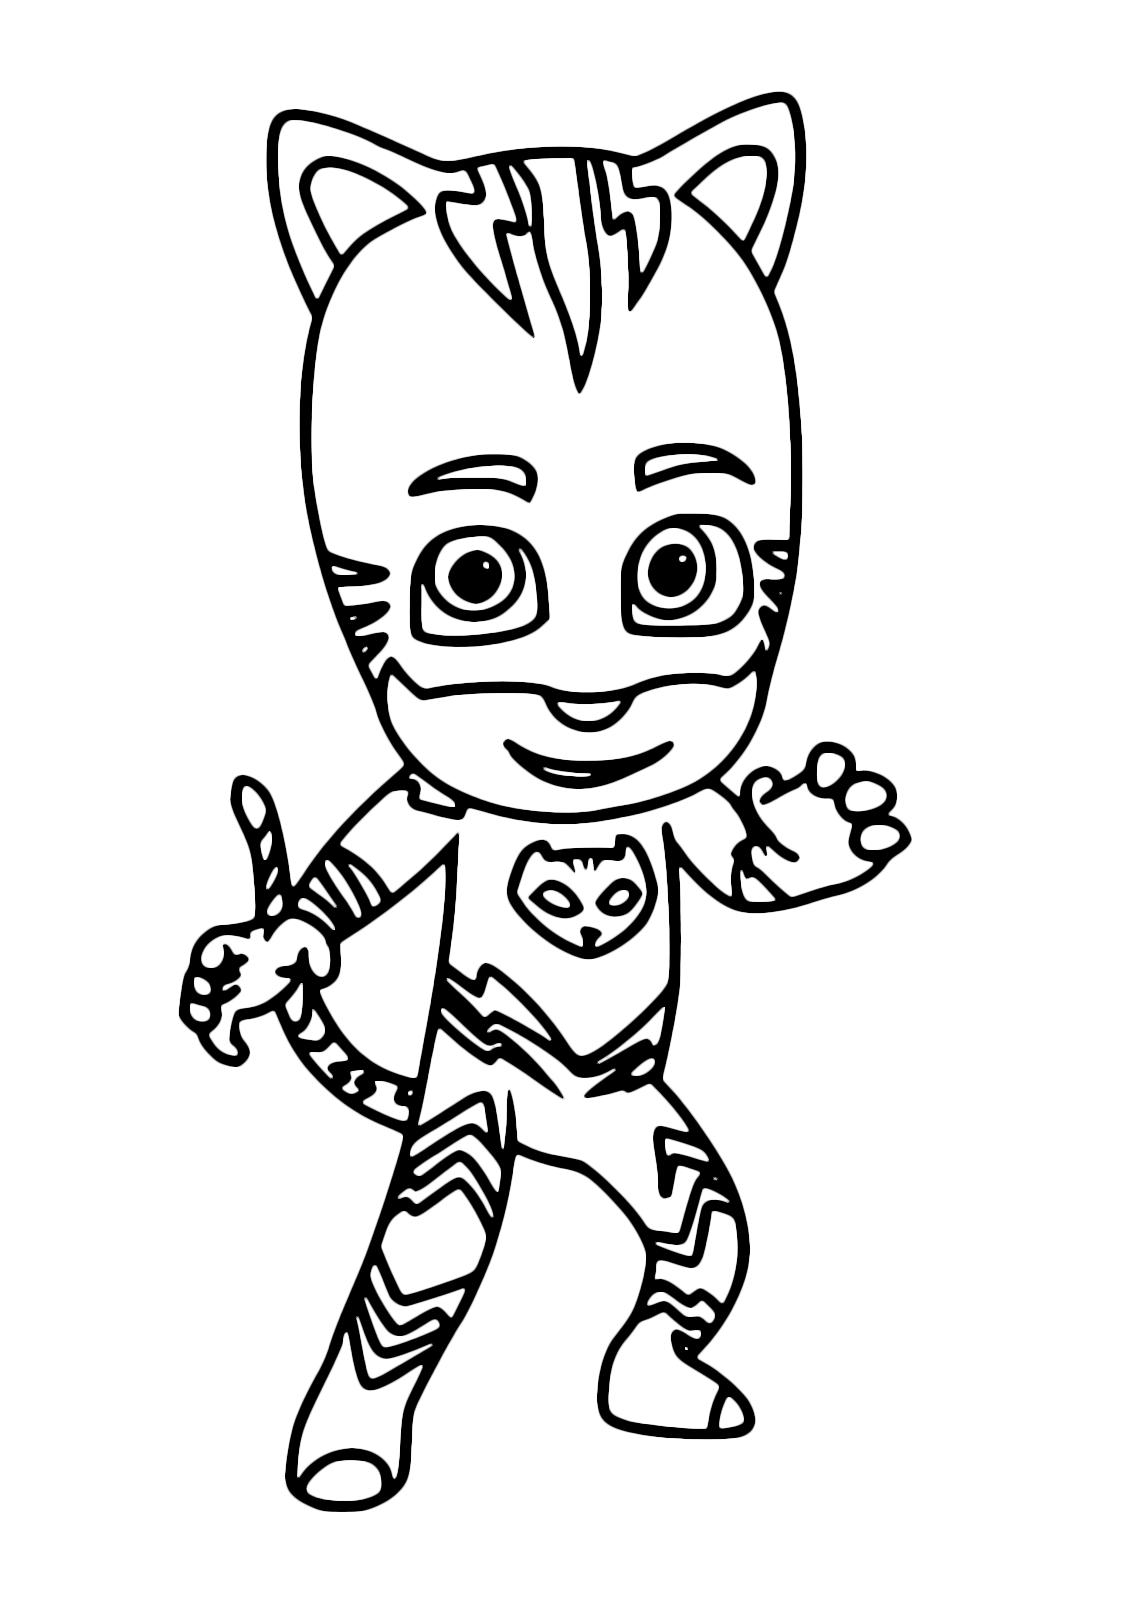 Pj masks super pigiamini gattoboy pronto a colpire con for Super pigiamini disegni da colorare